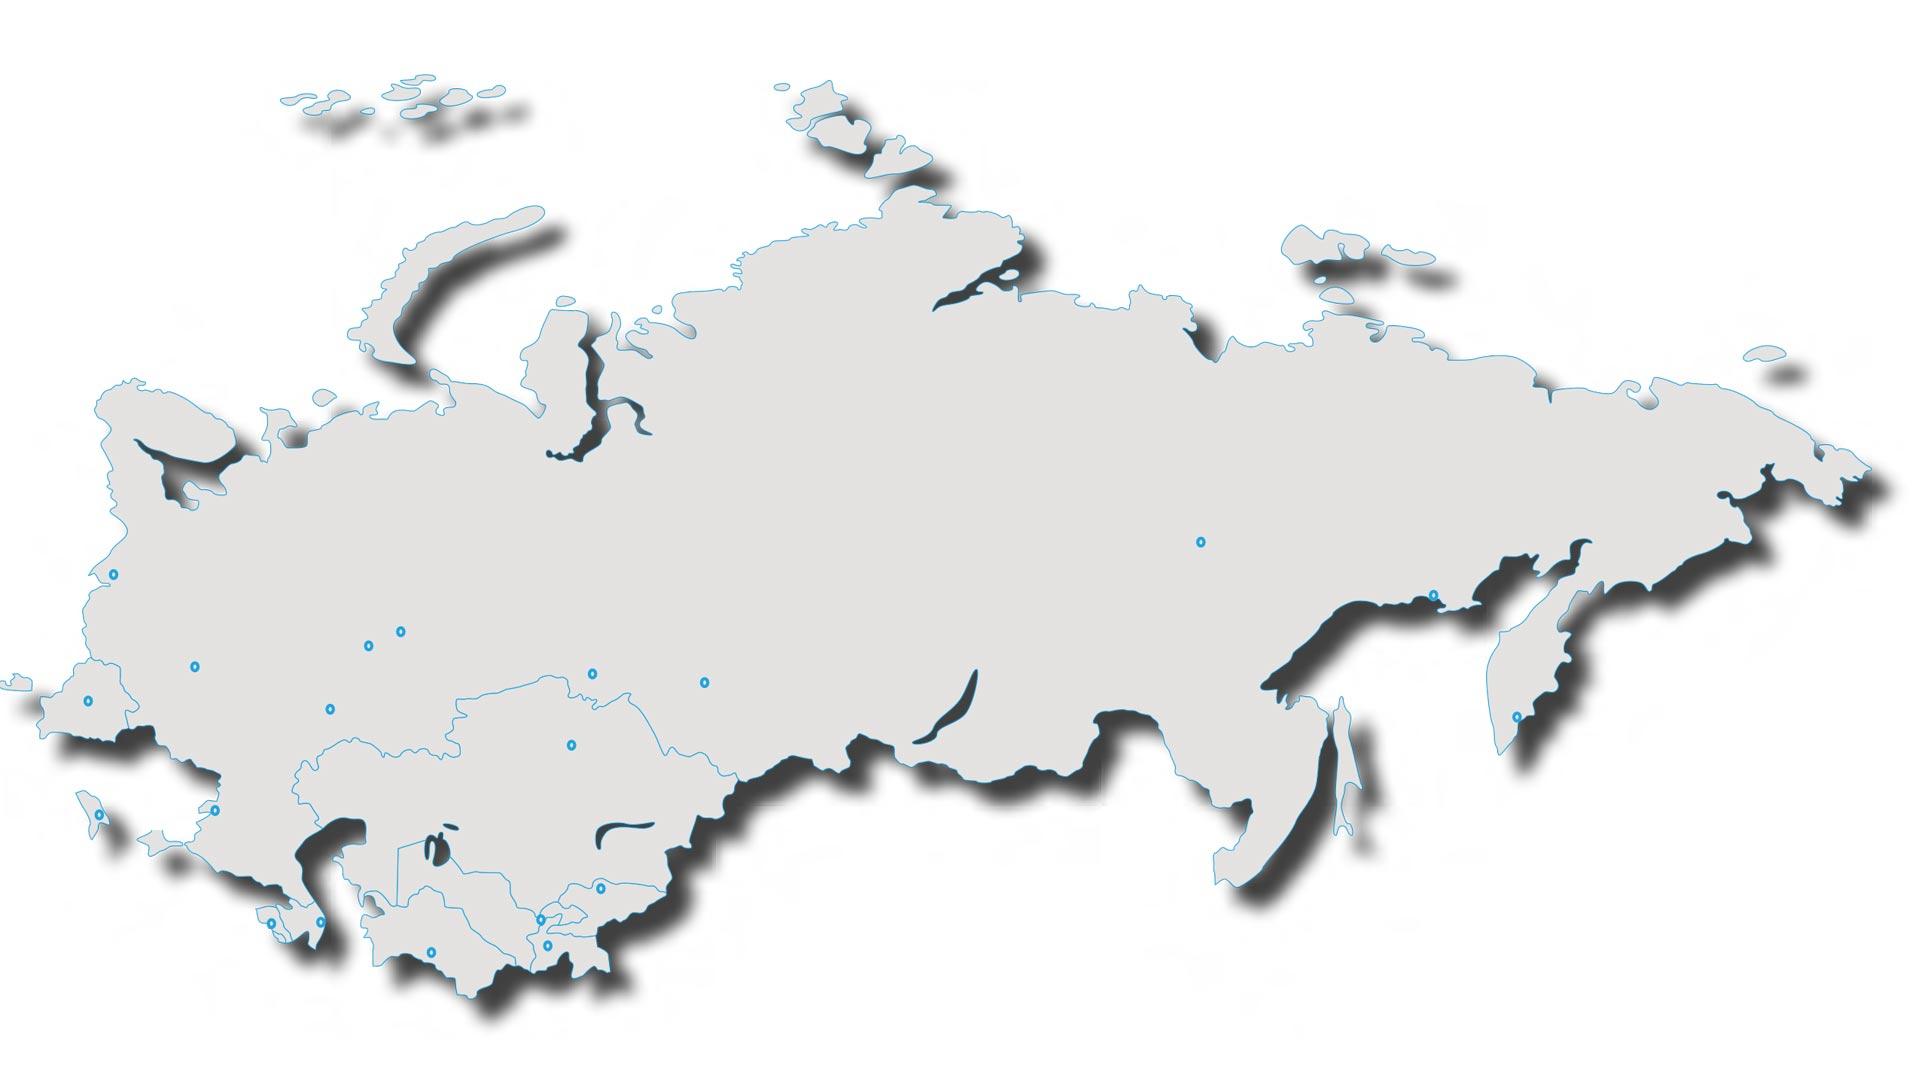 Map - O que tem de bom na russia